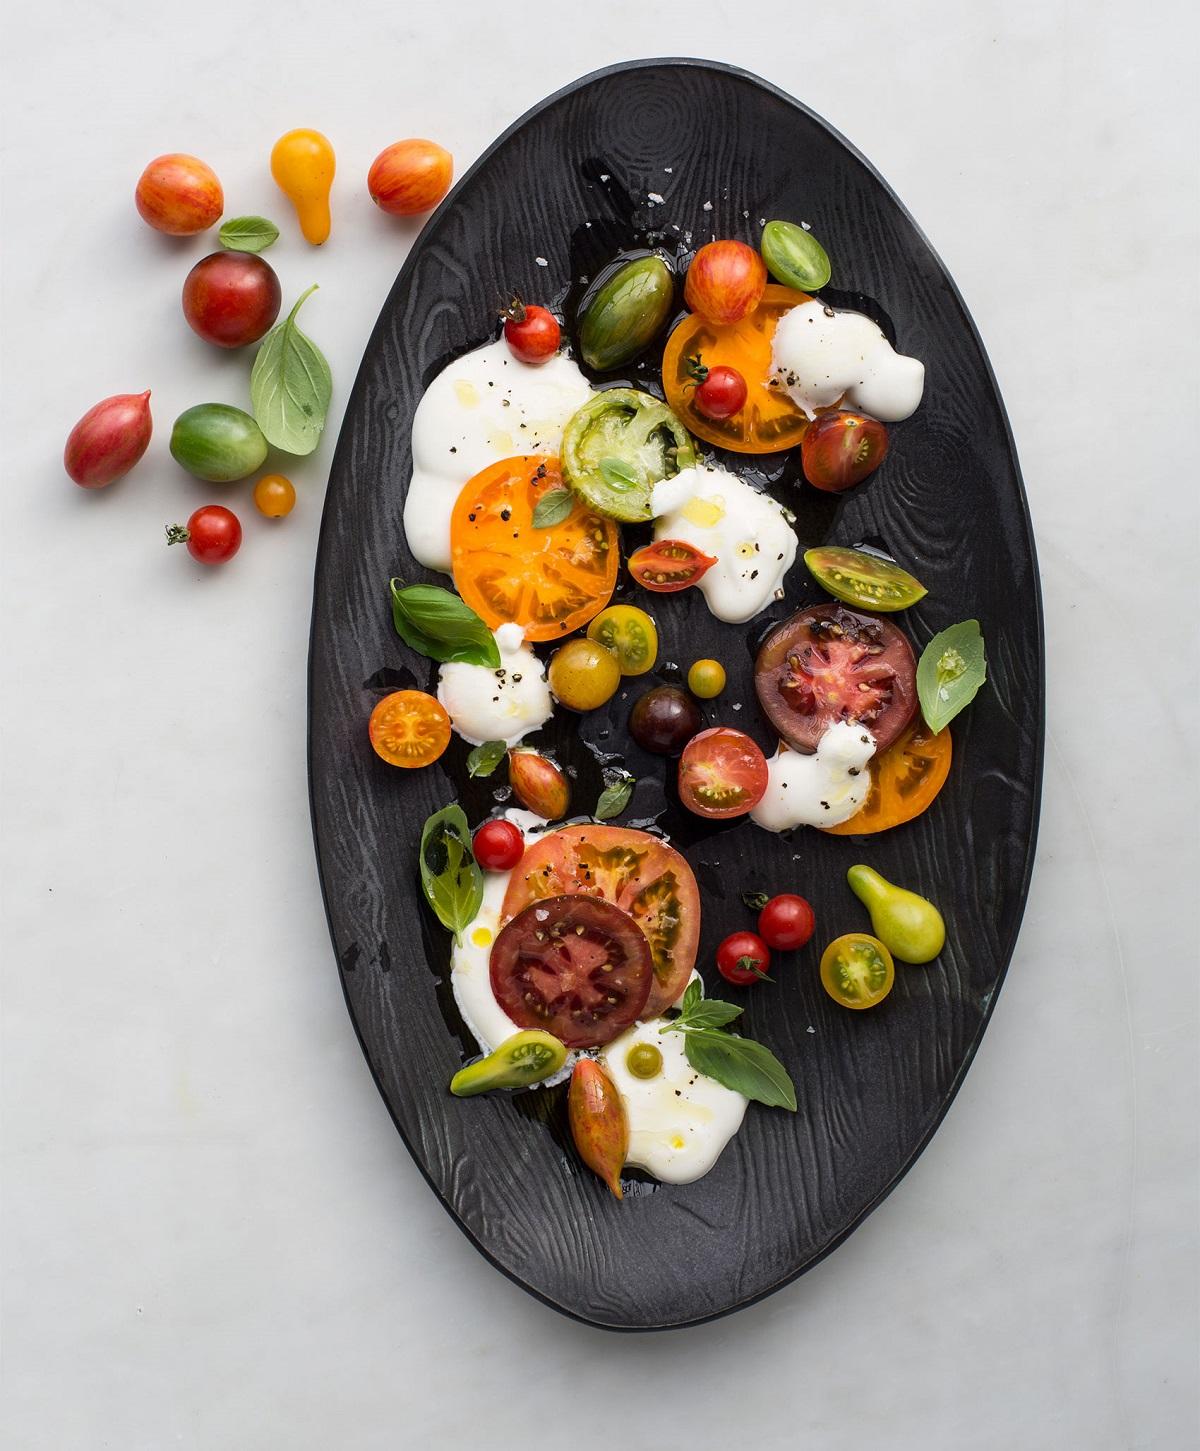 Heirloom Tomato Salad By George Barberis